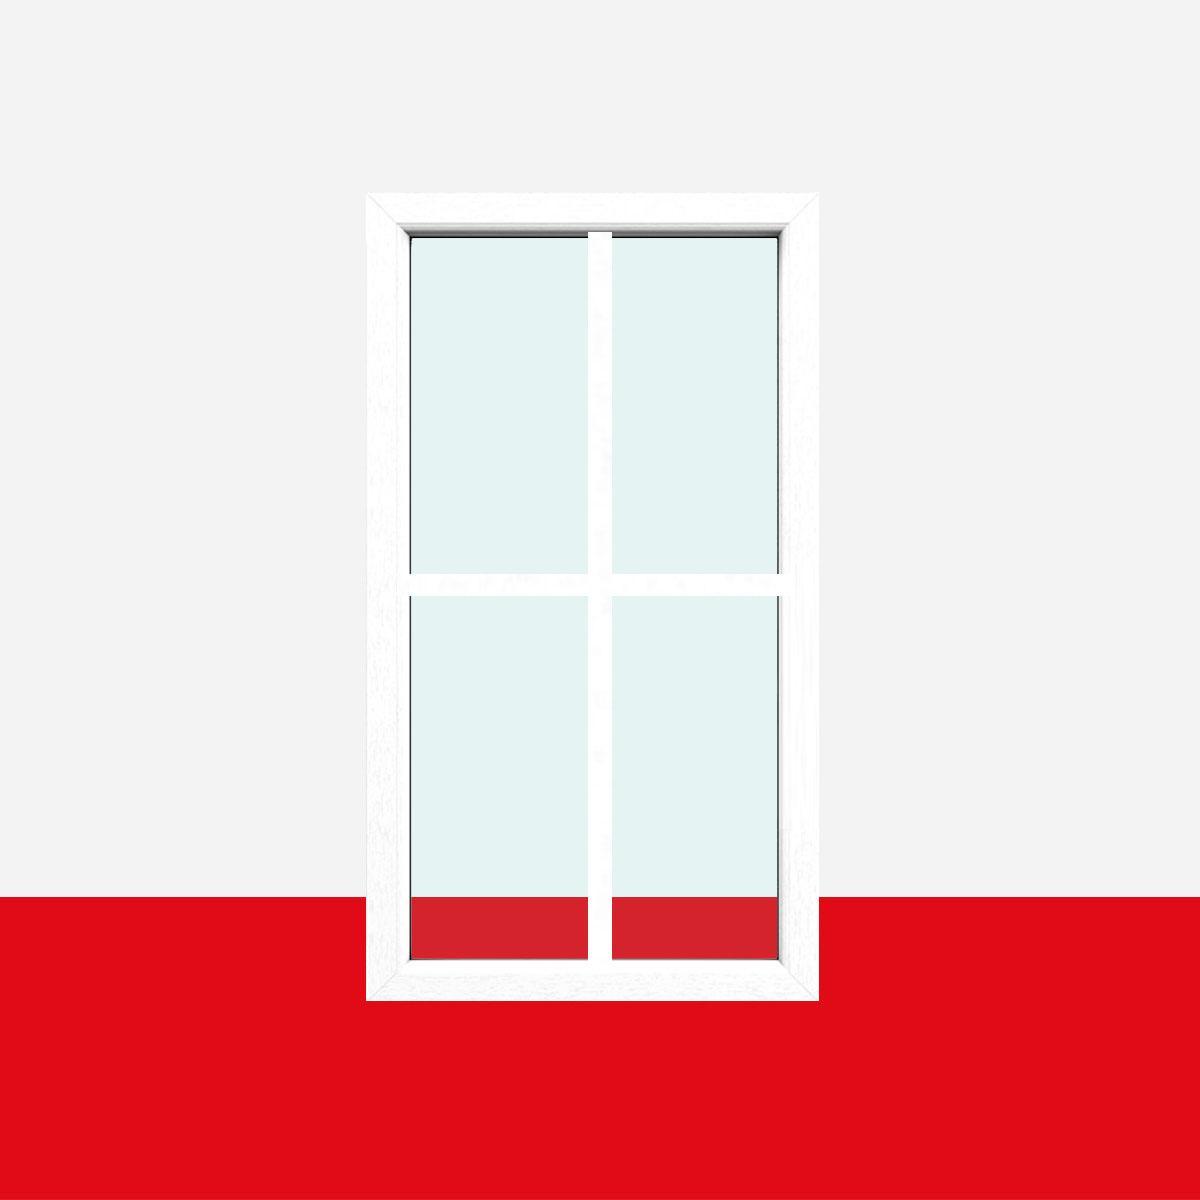 Full Size of Standardmaße Fenster Sprossenfenster Typ 4 Felder Wei Festverglasung Mit 26mm Szr Konfigurator Polen Einbruchsicherung Neue Einbauen Absturzsicherung Winkhaus Fenster Standardmaße Fenster